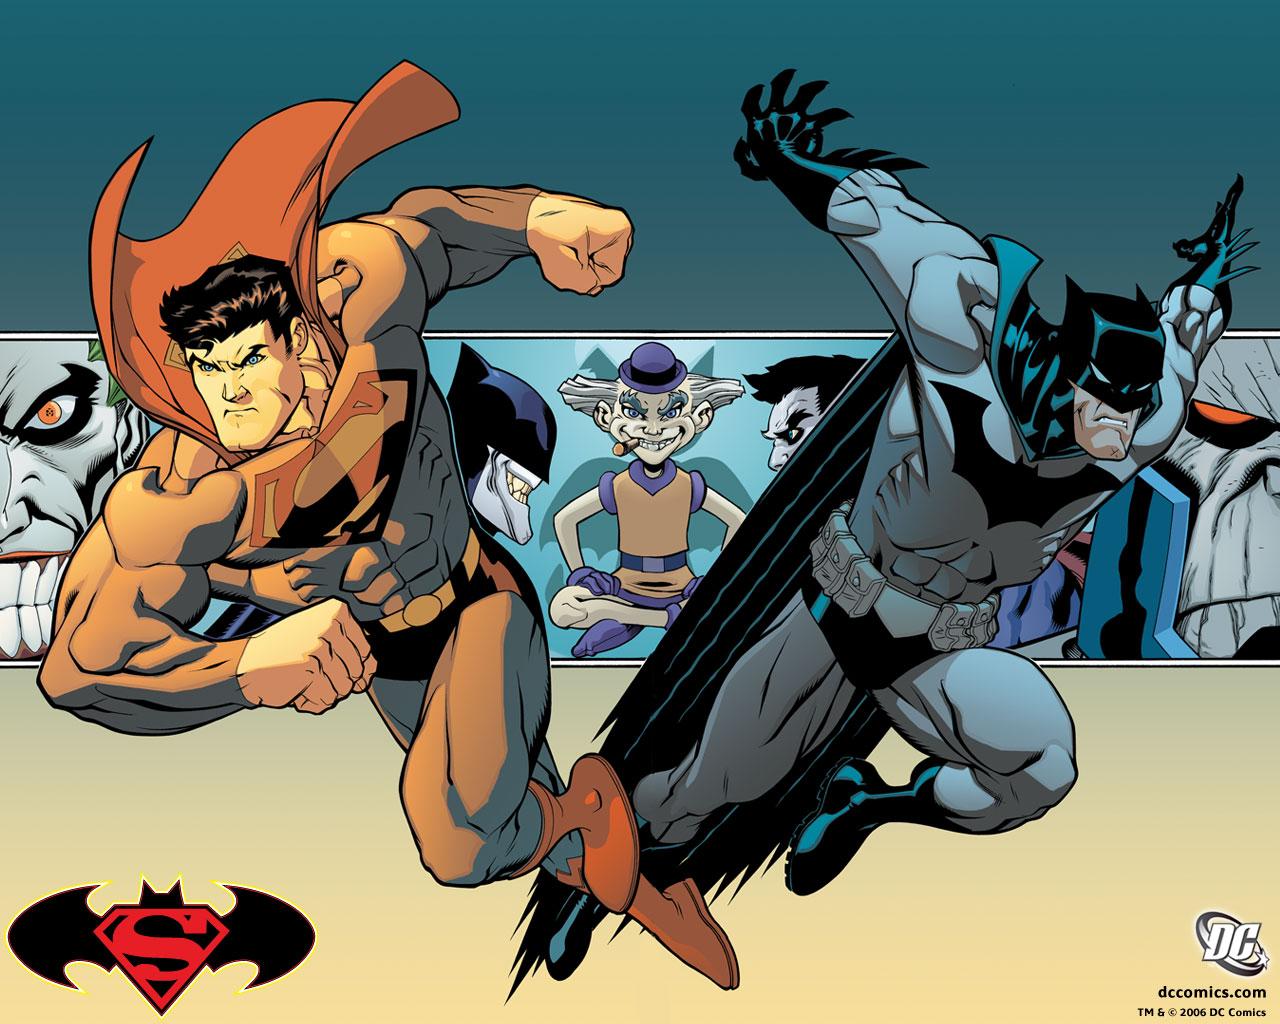 http://1.bp.blogspot.com/-LQ9_YDoLR6Q/TadMJCxGqRI/AAAAAAAABNU/UXhKnjQhaac/s1600/Superman_Batman_25_1280x1024.jpg